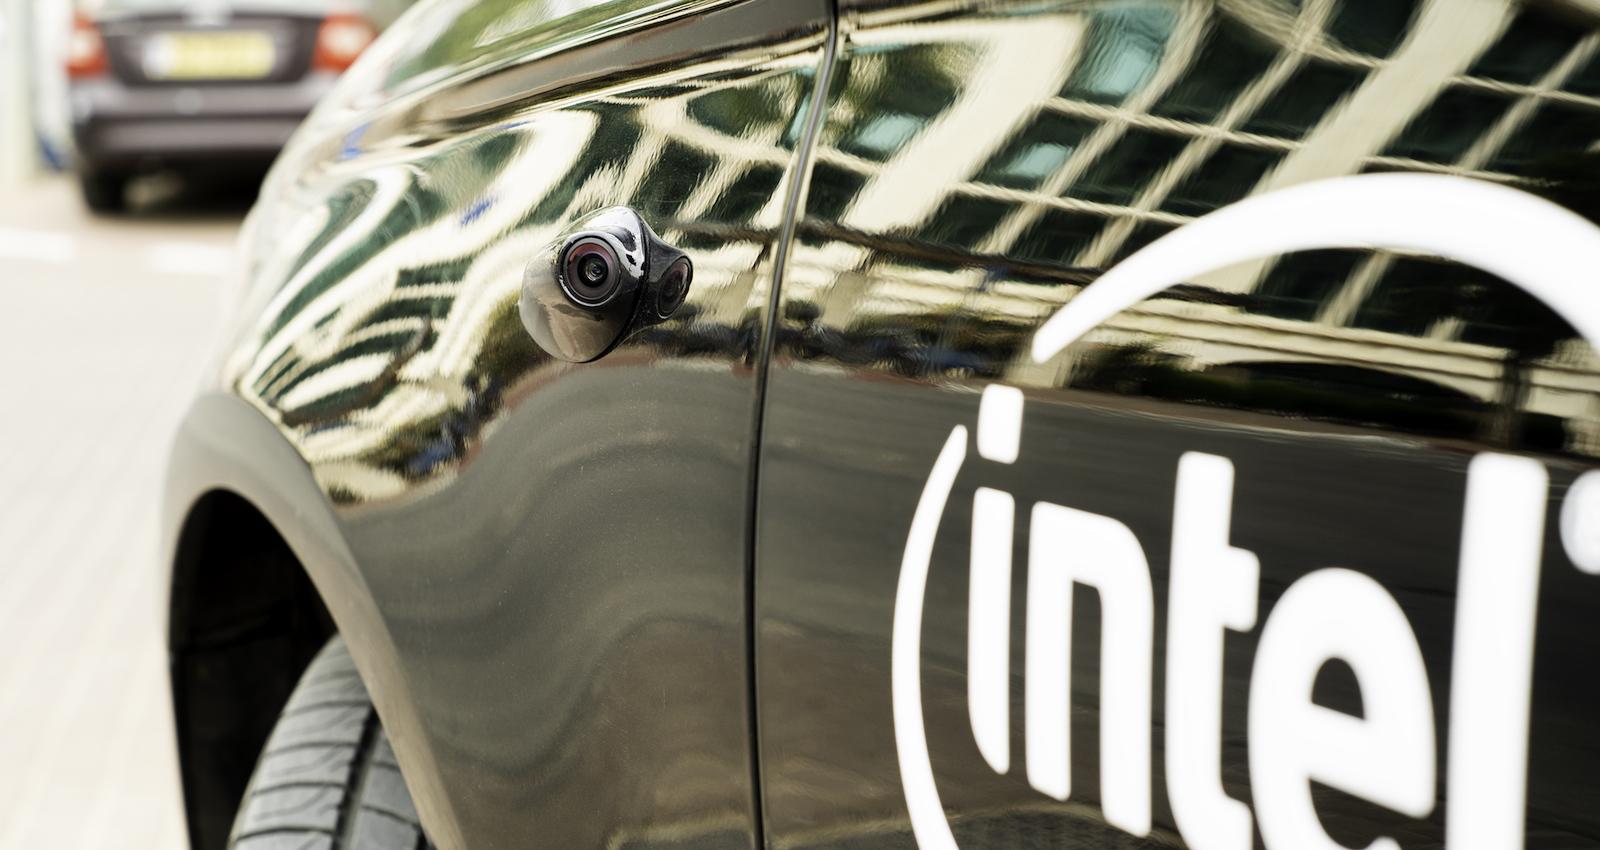 Intel a Mobileye již testují autonomní vozy se 12 zabudovanými kamerami v Jeruzalémě